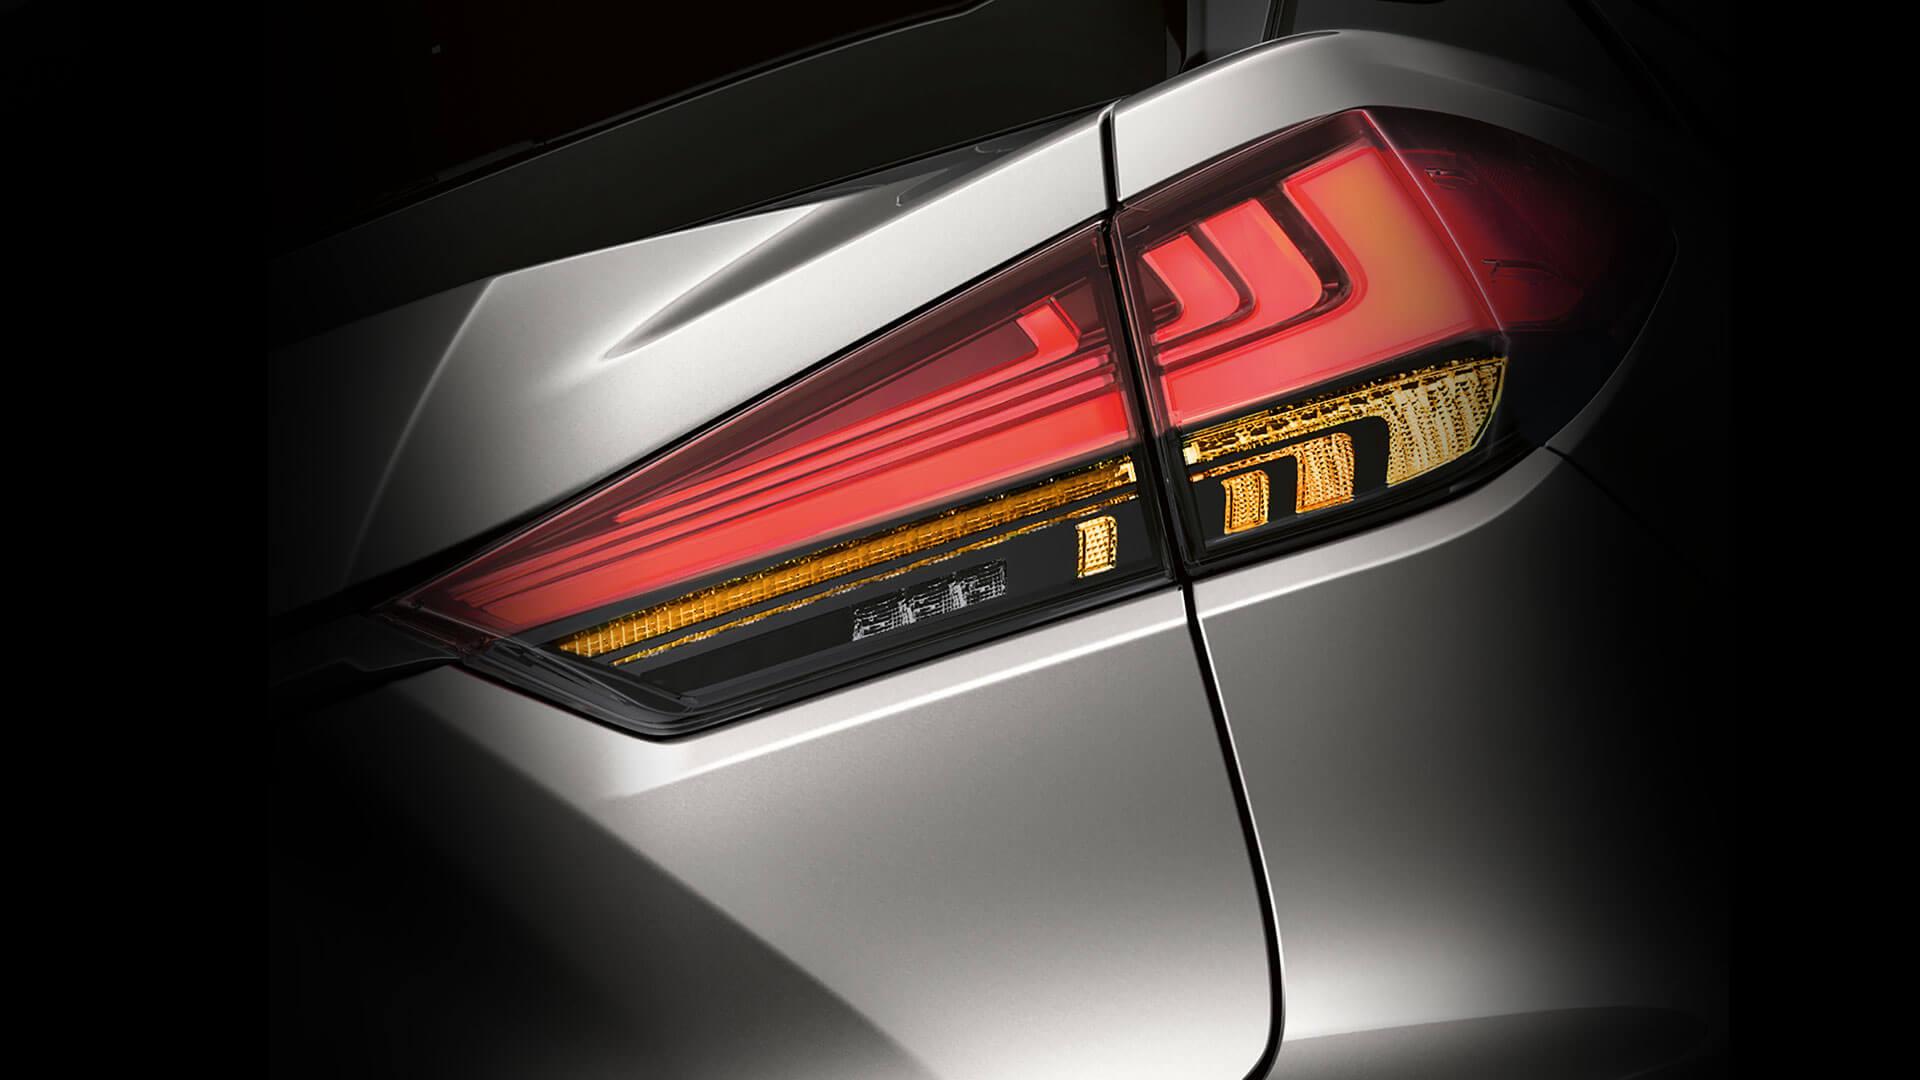 2019 lexus rxl hotspot led rear lights